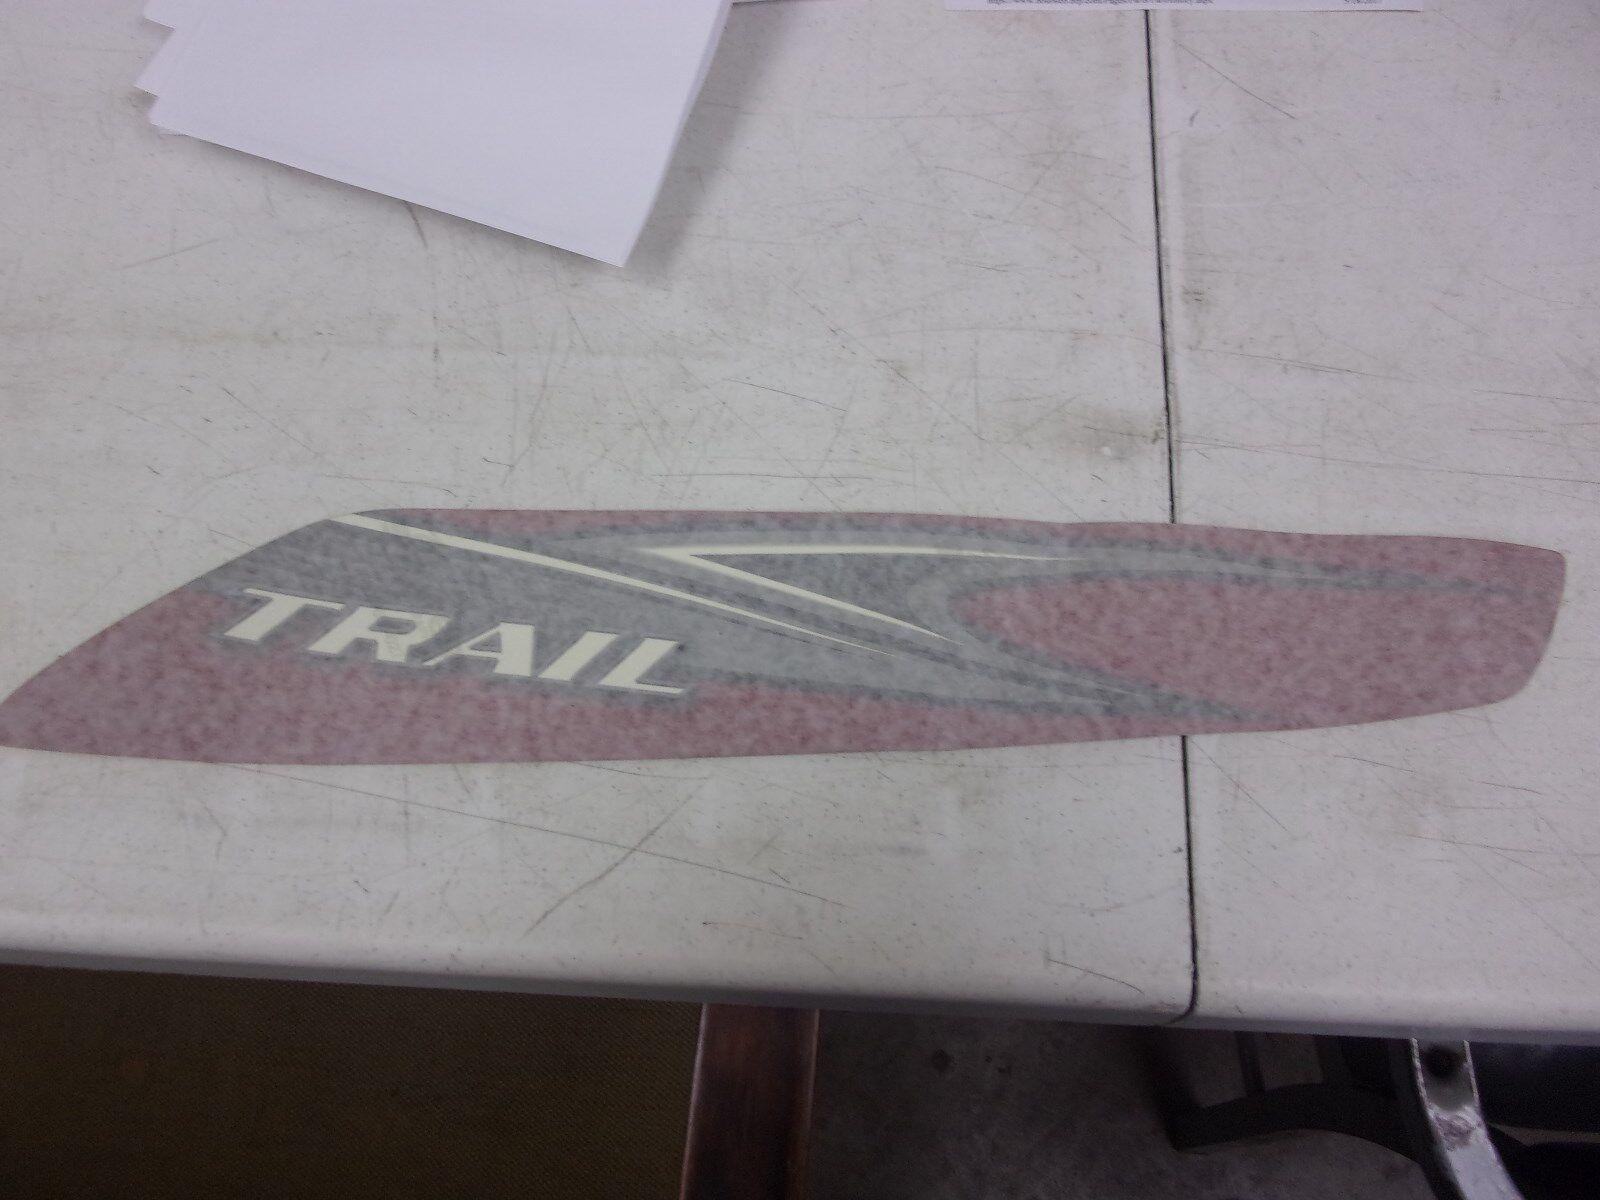 Polaris Snowmobile Decal Skirt Trail LH 7172955